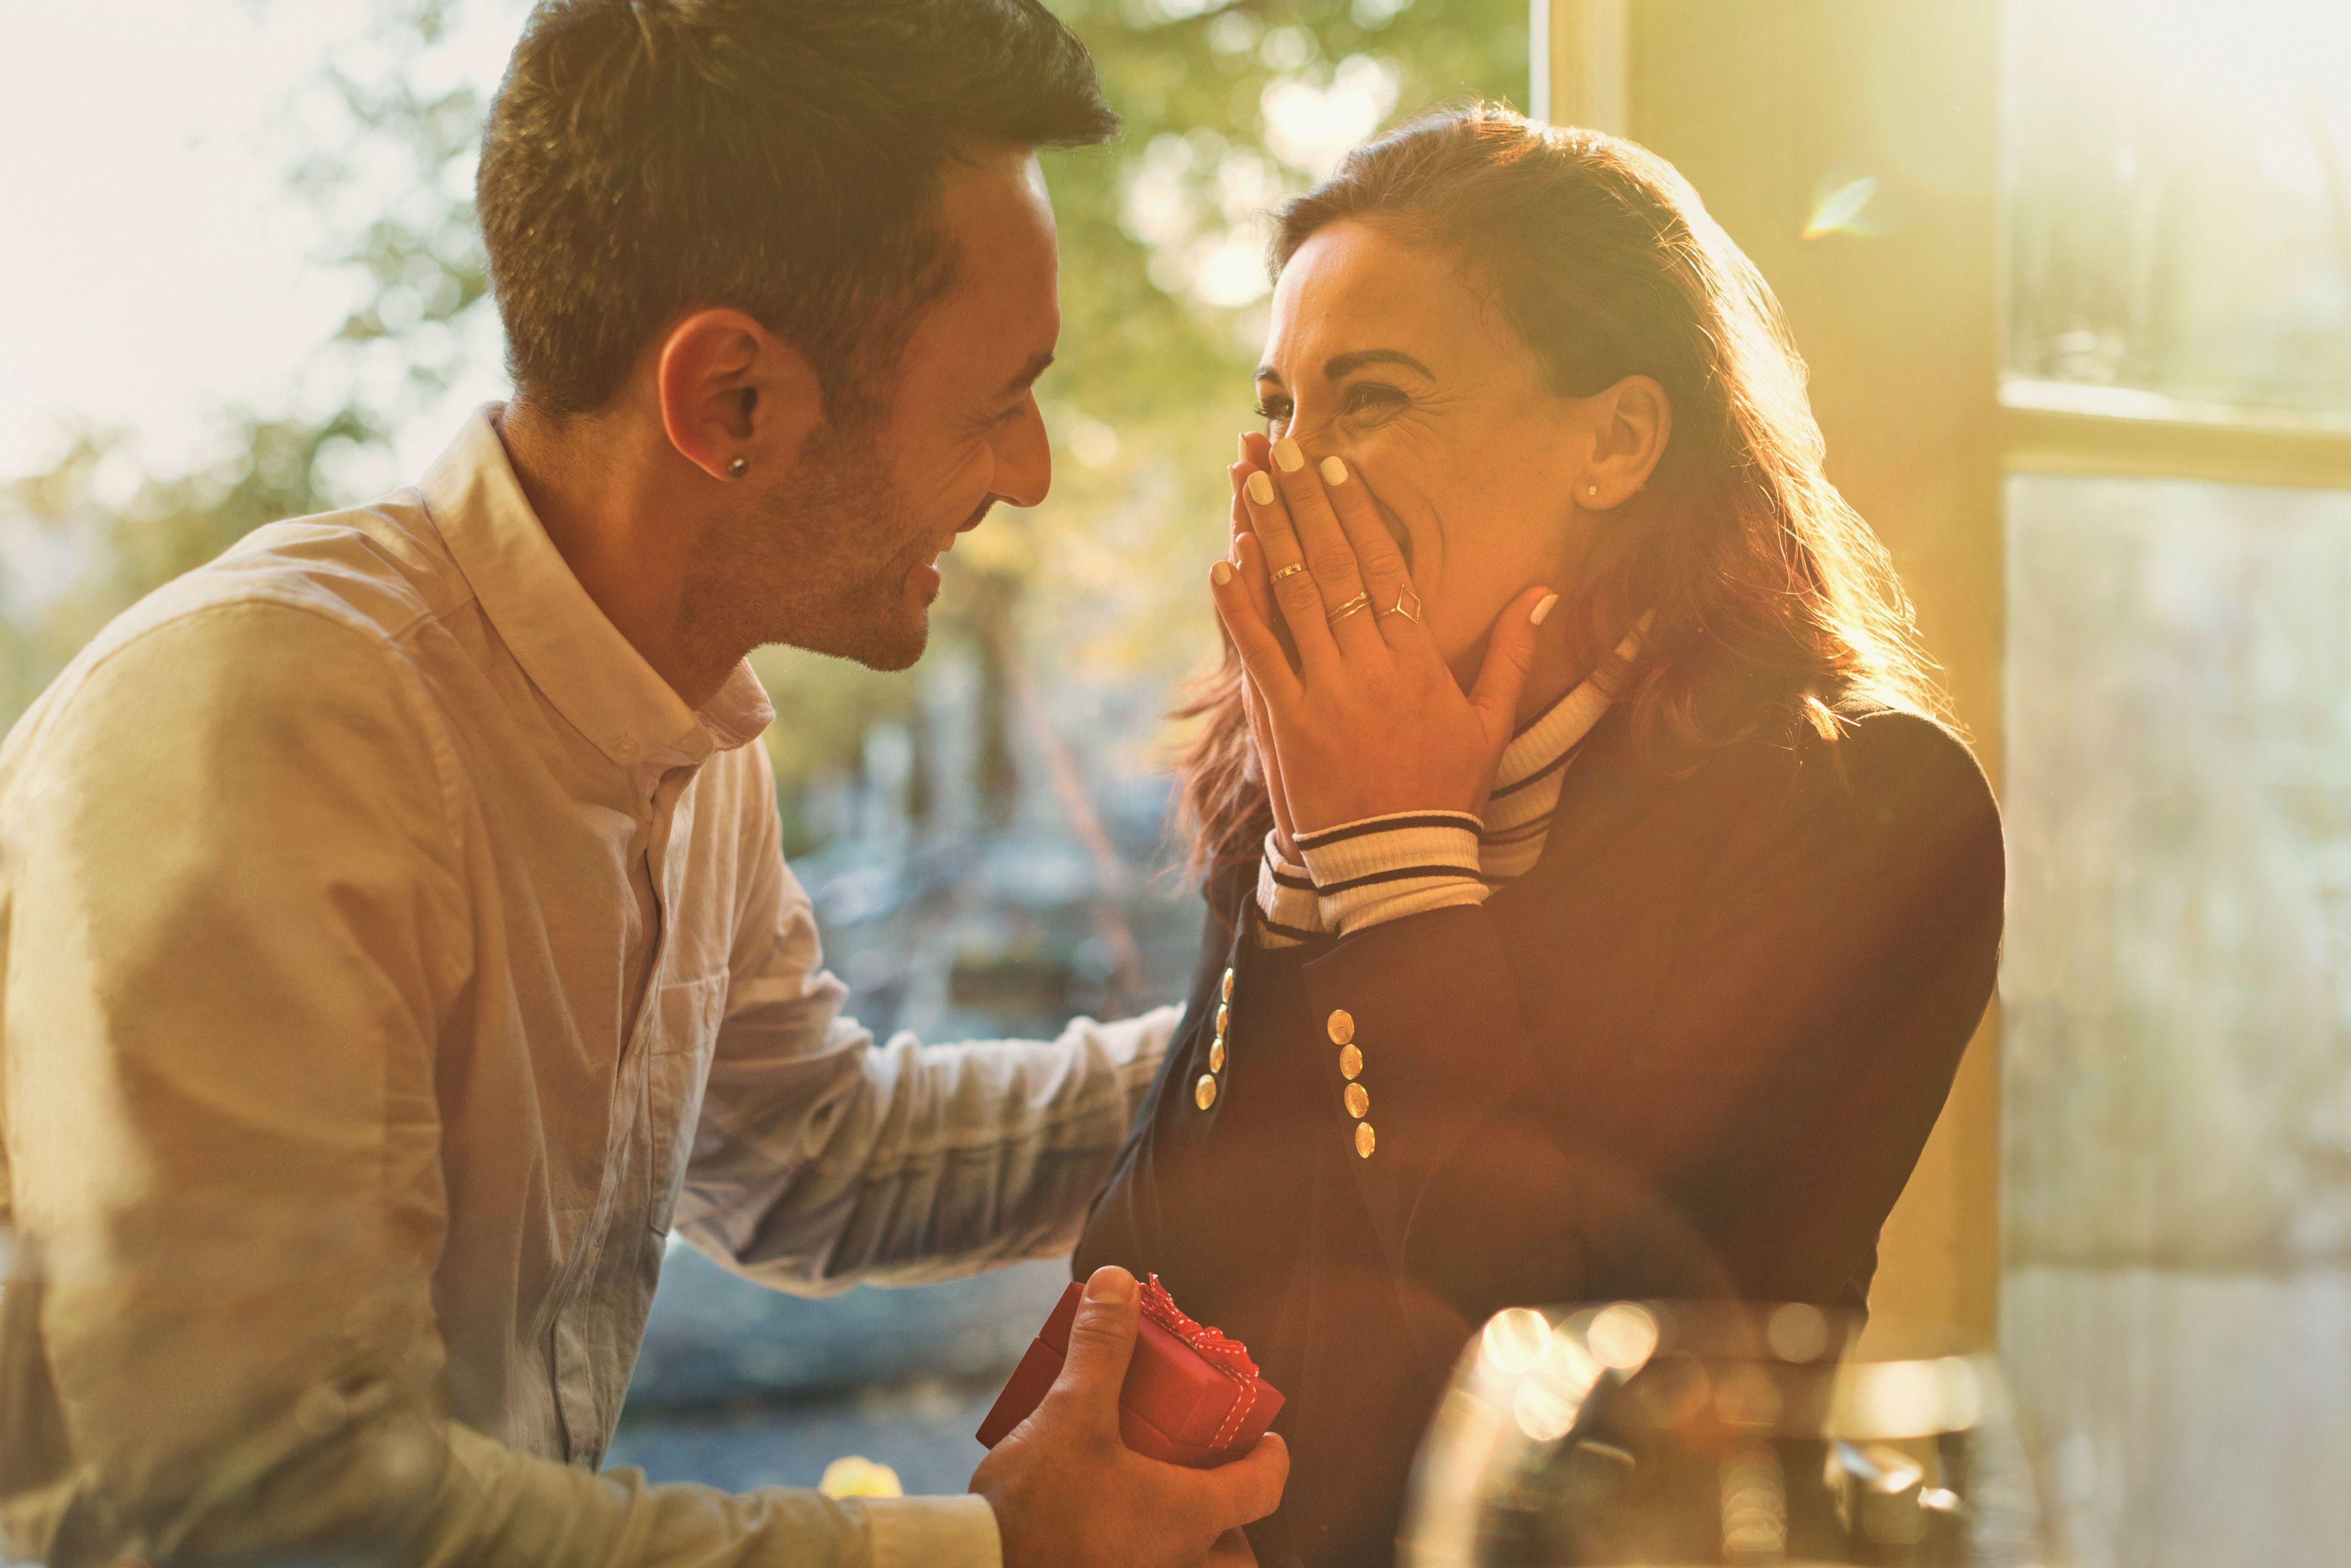 Funny antwoorden op dating vragen Hamburg dating site